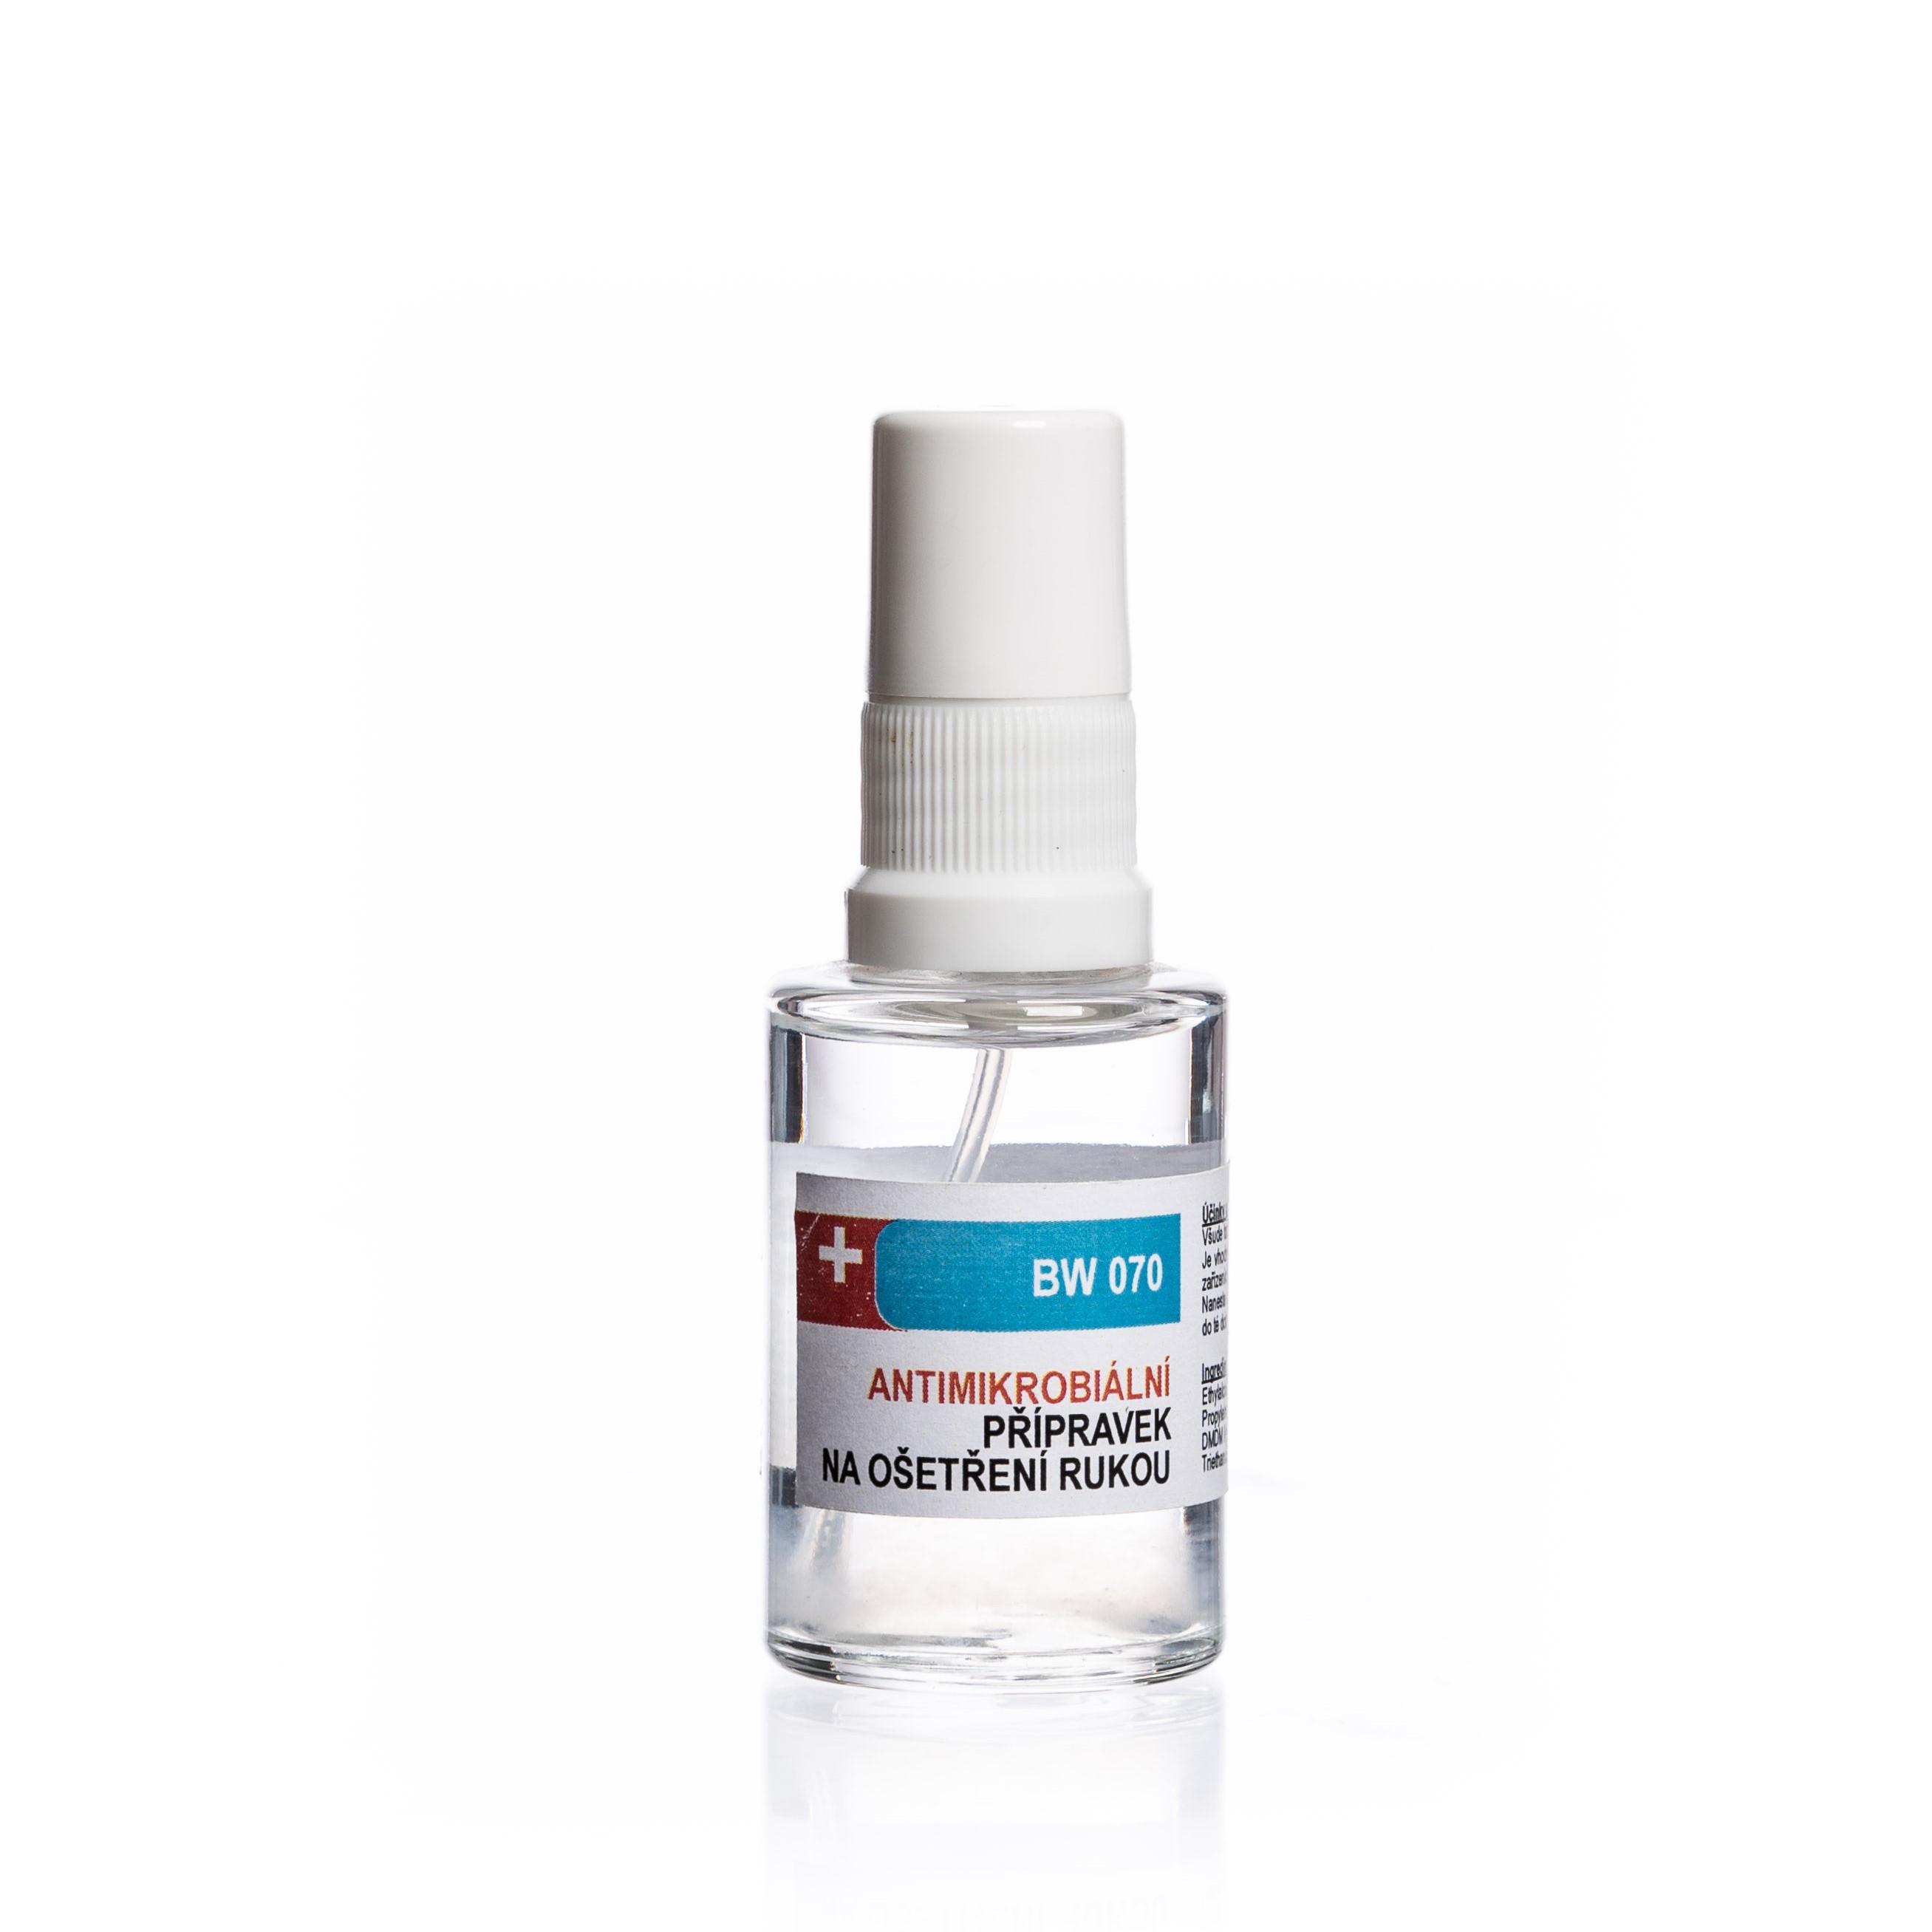 Antimikrobiální sprej 30 ml - DEZINFEKCE